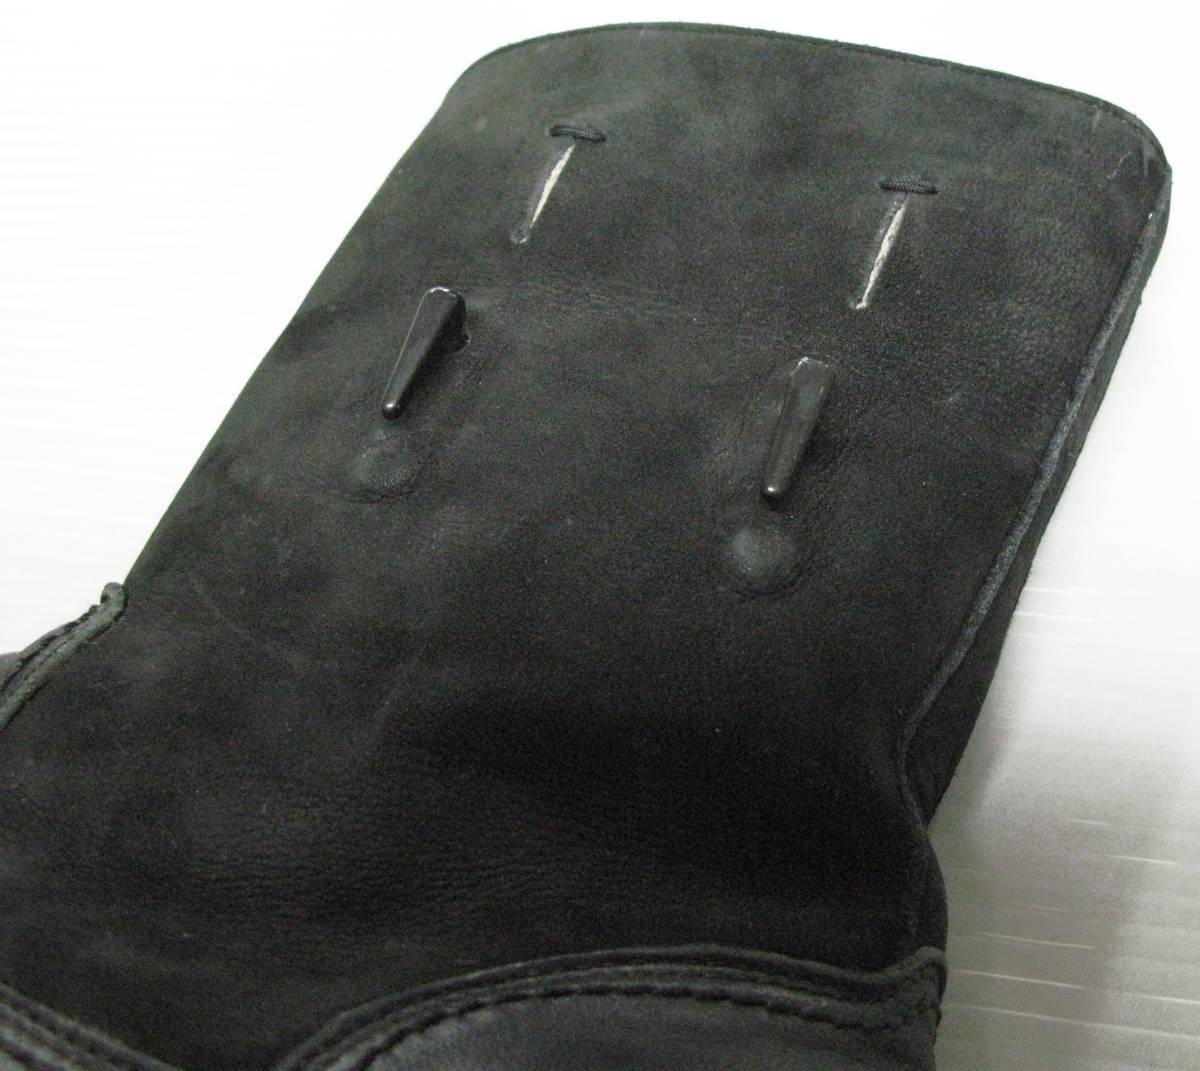 ヨウジ Yohji:2014-15AW 迷彩裏地 2WAY レザー ブーツ / シューズ ( Yohji Yamamoto pour HOMME 2WAY Leather boots 27 shoes_画像4